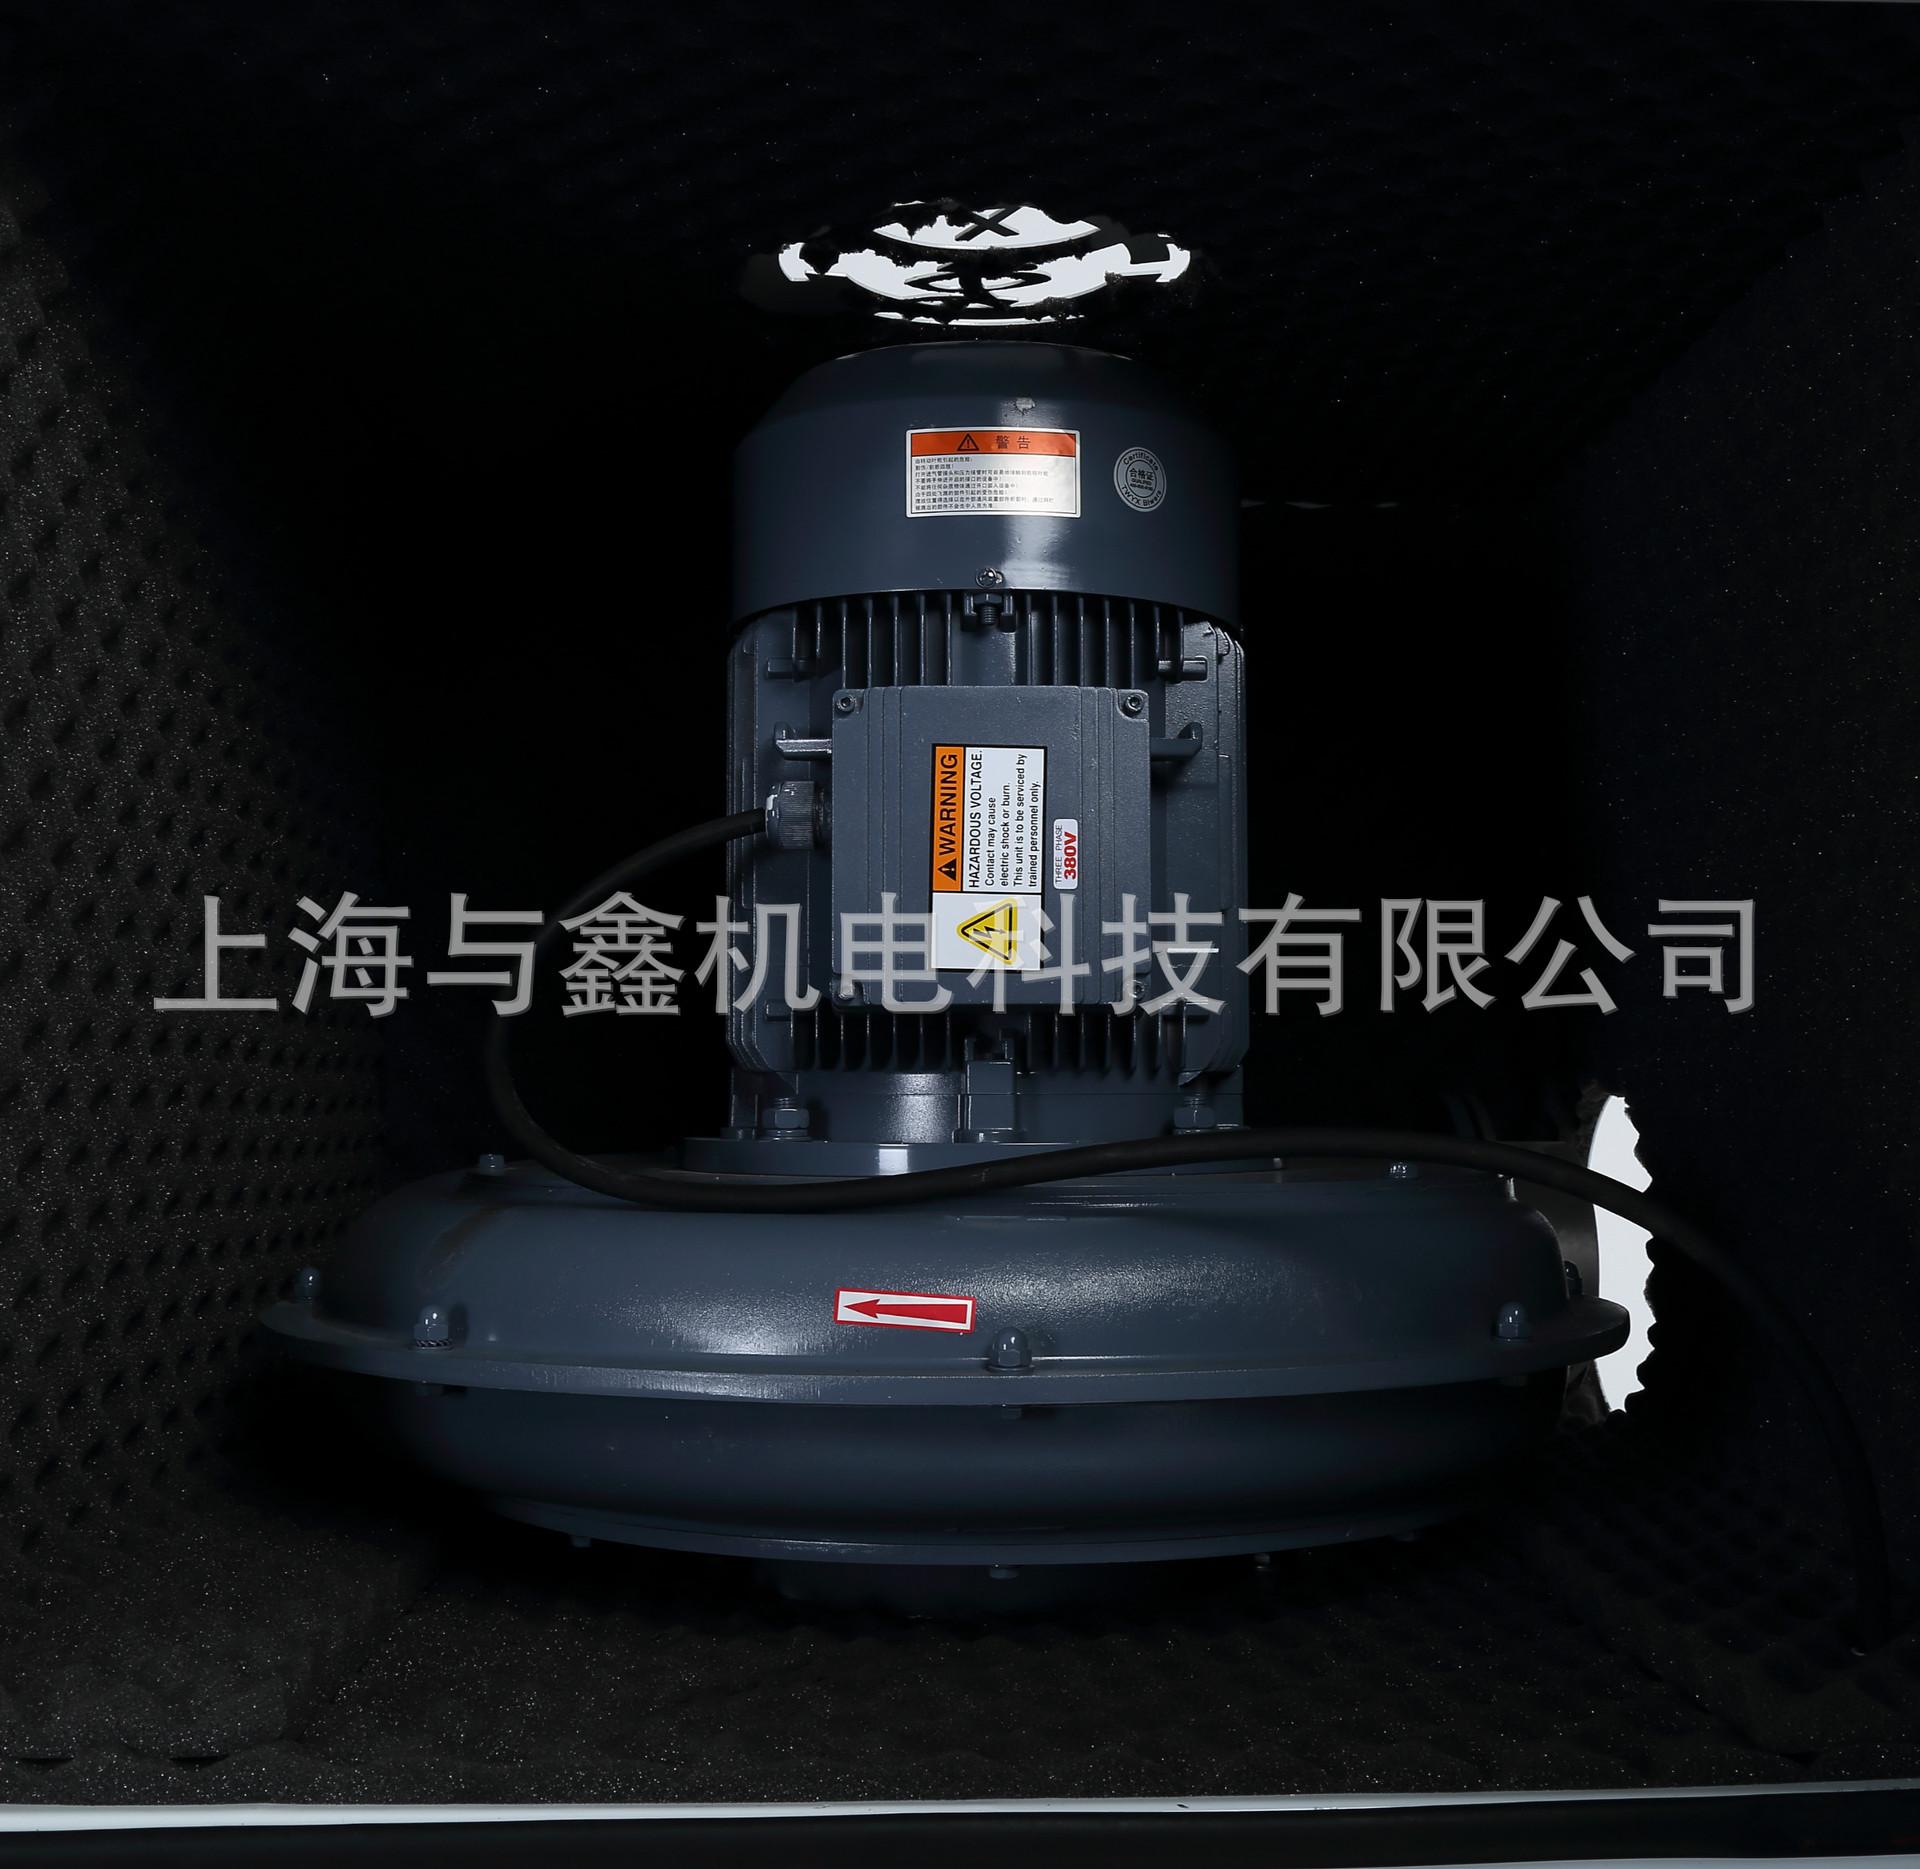 工业磨床粉尘吸尘器 打磨集尘器 磨床抛光除尘器 车间扬尘集尘机 大功率磨床吸尘器示例图4